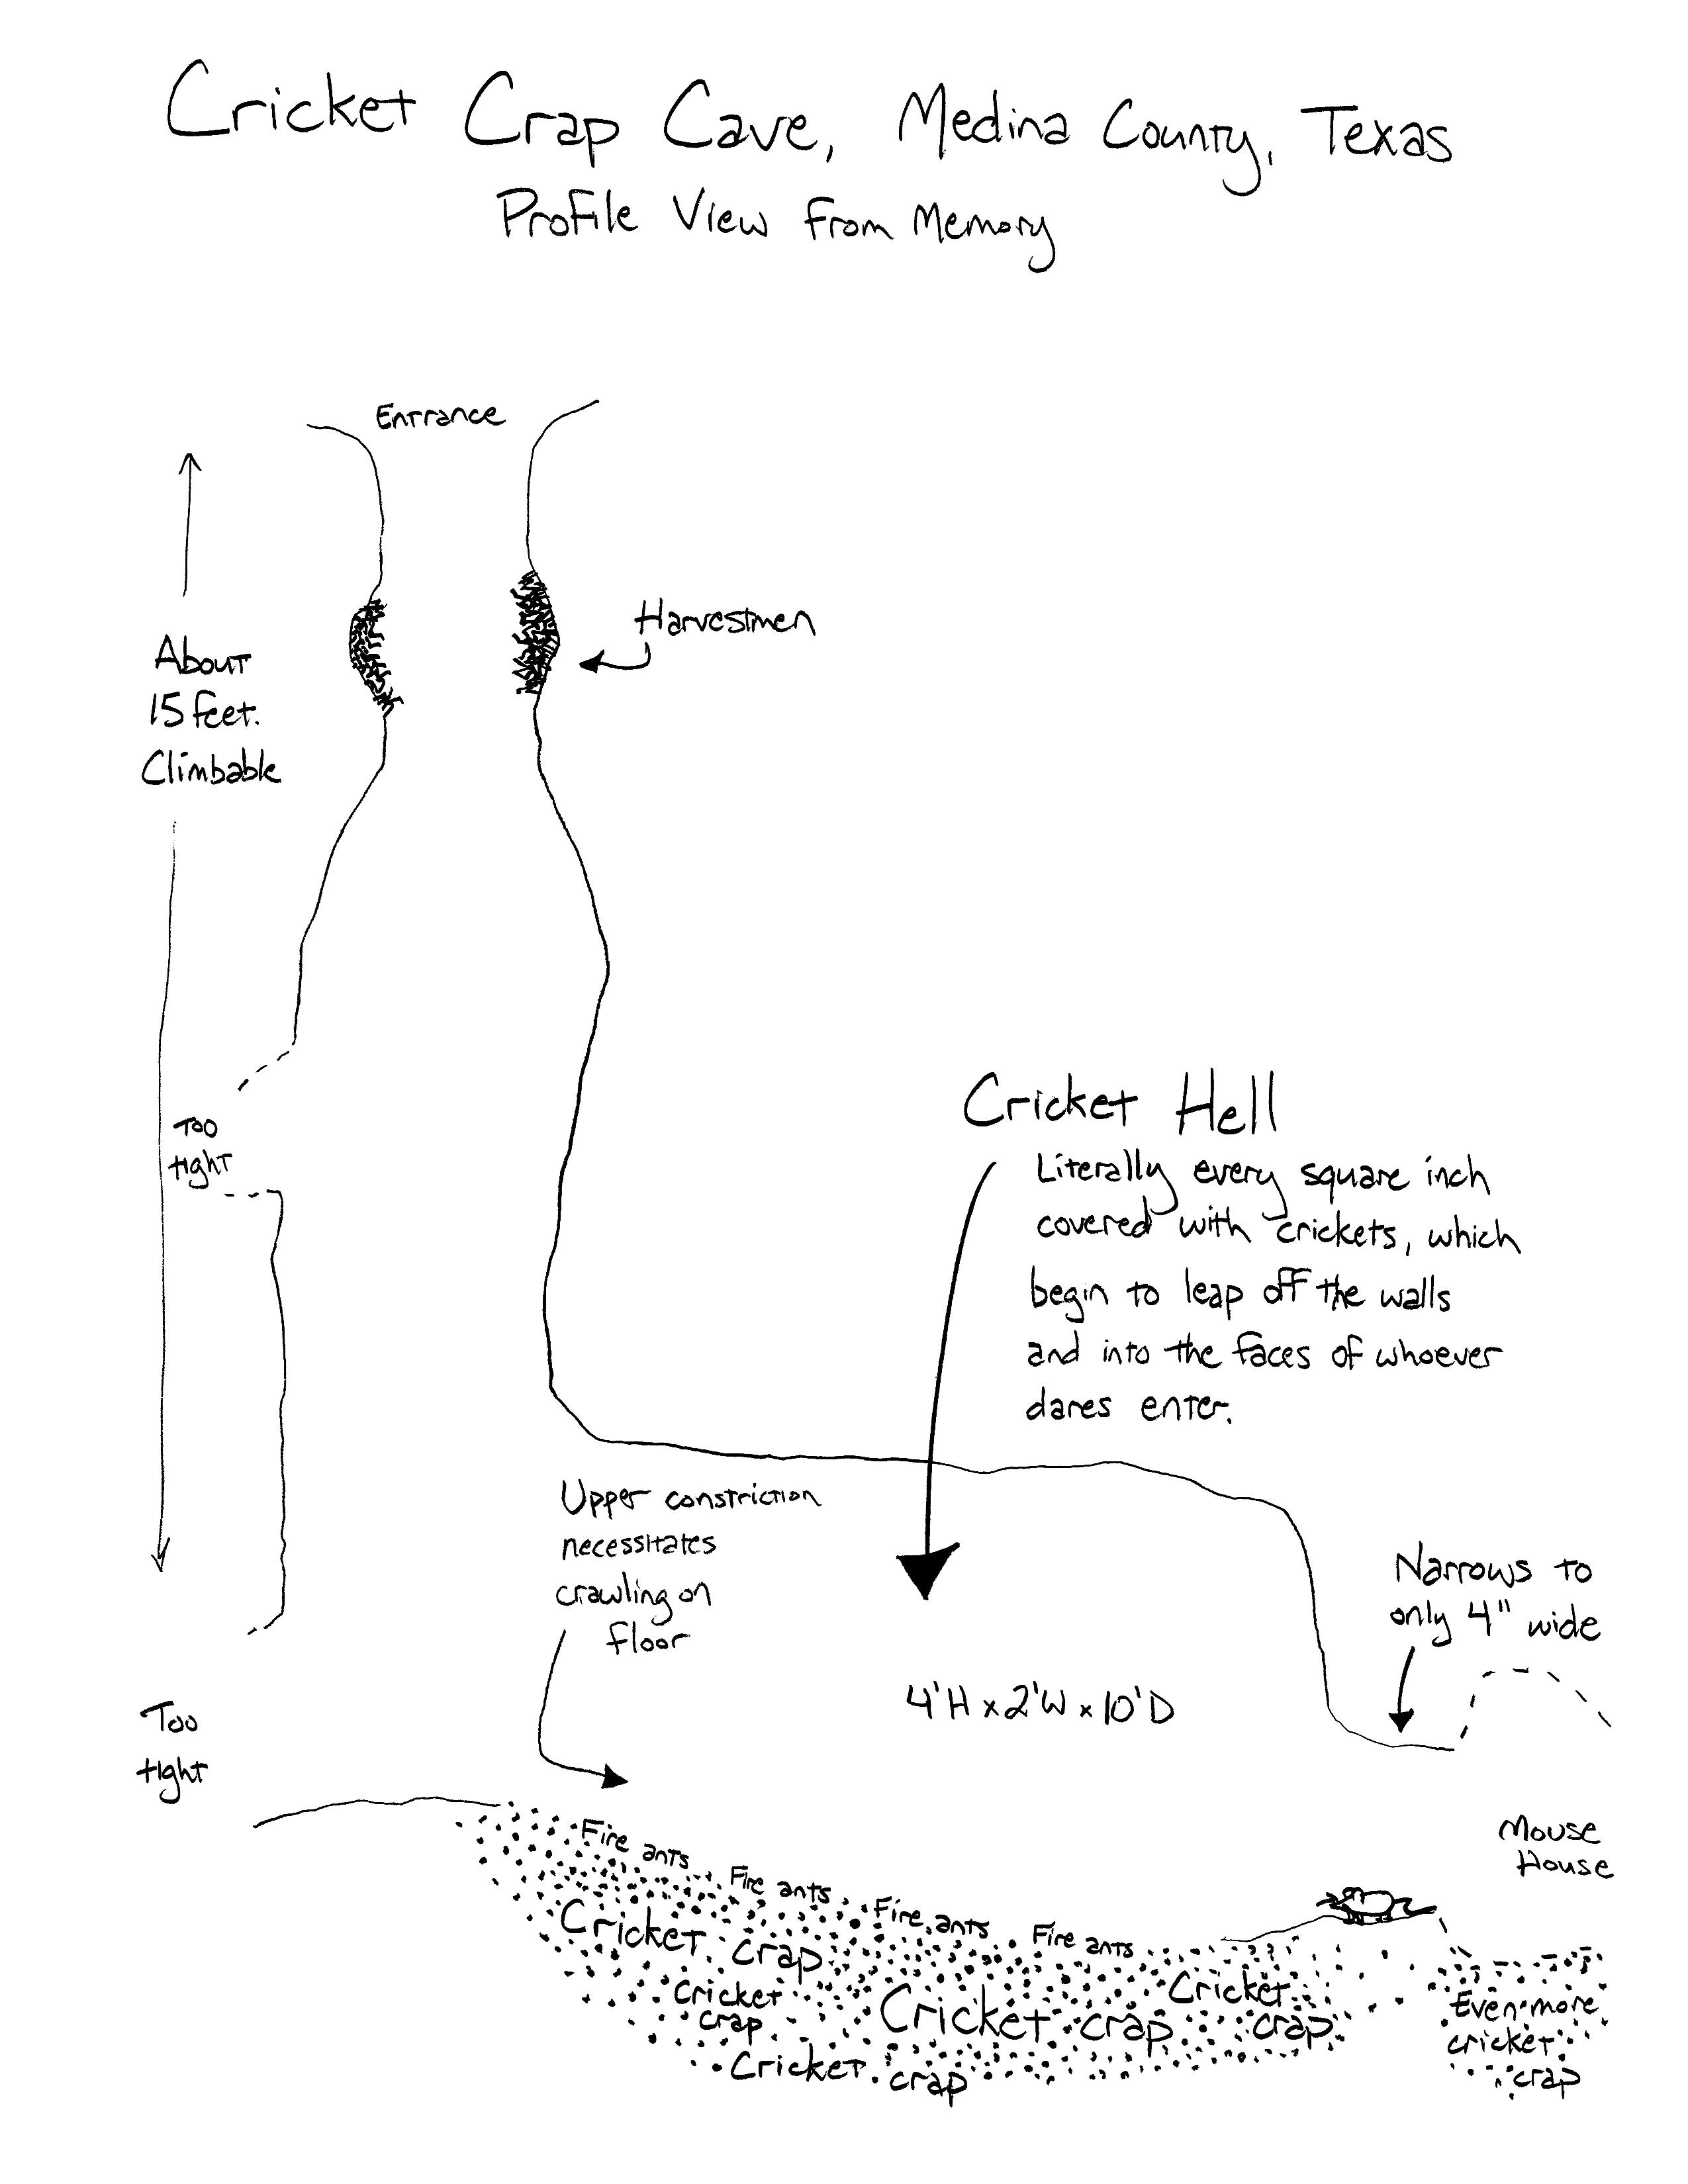 Cricket Crap Cave map